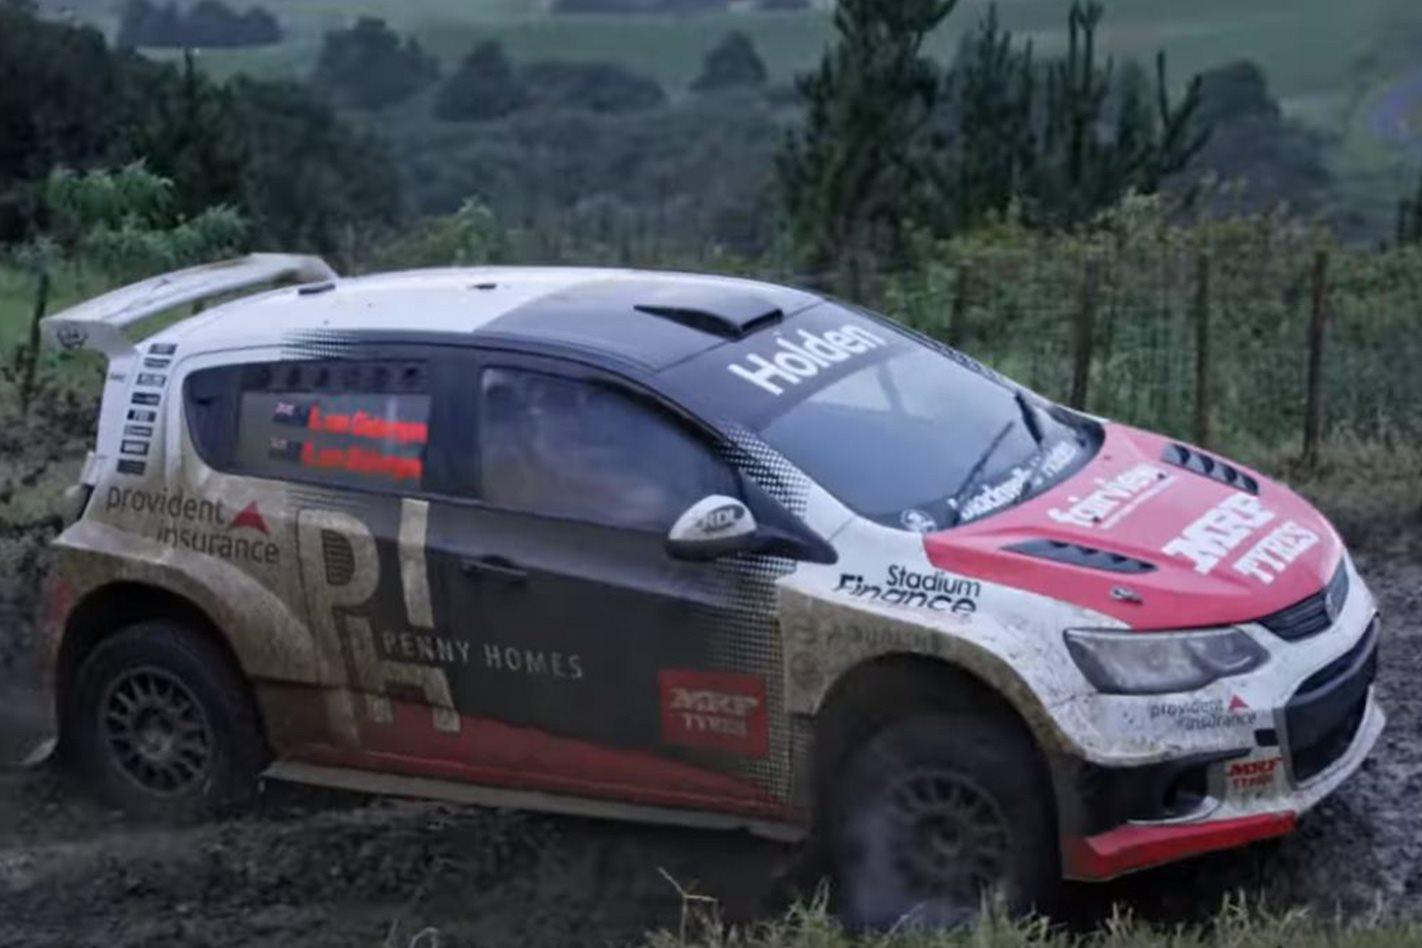 2017 Holden New Zealand Barina Rally Car